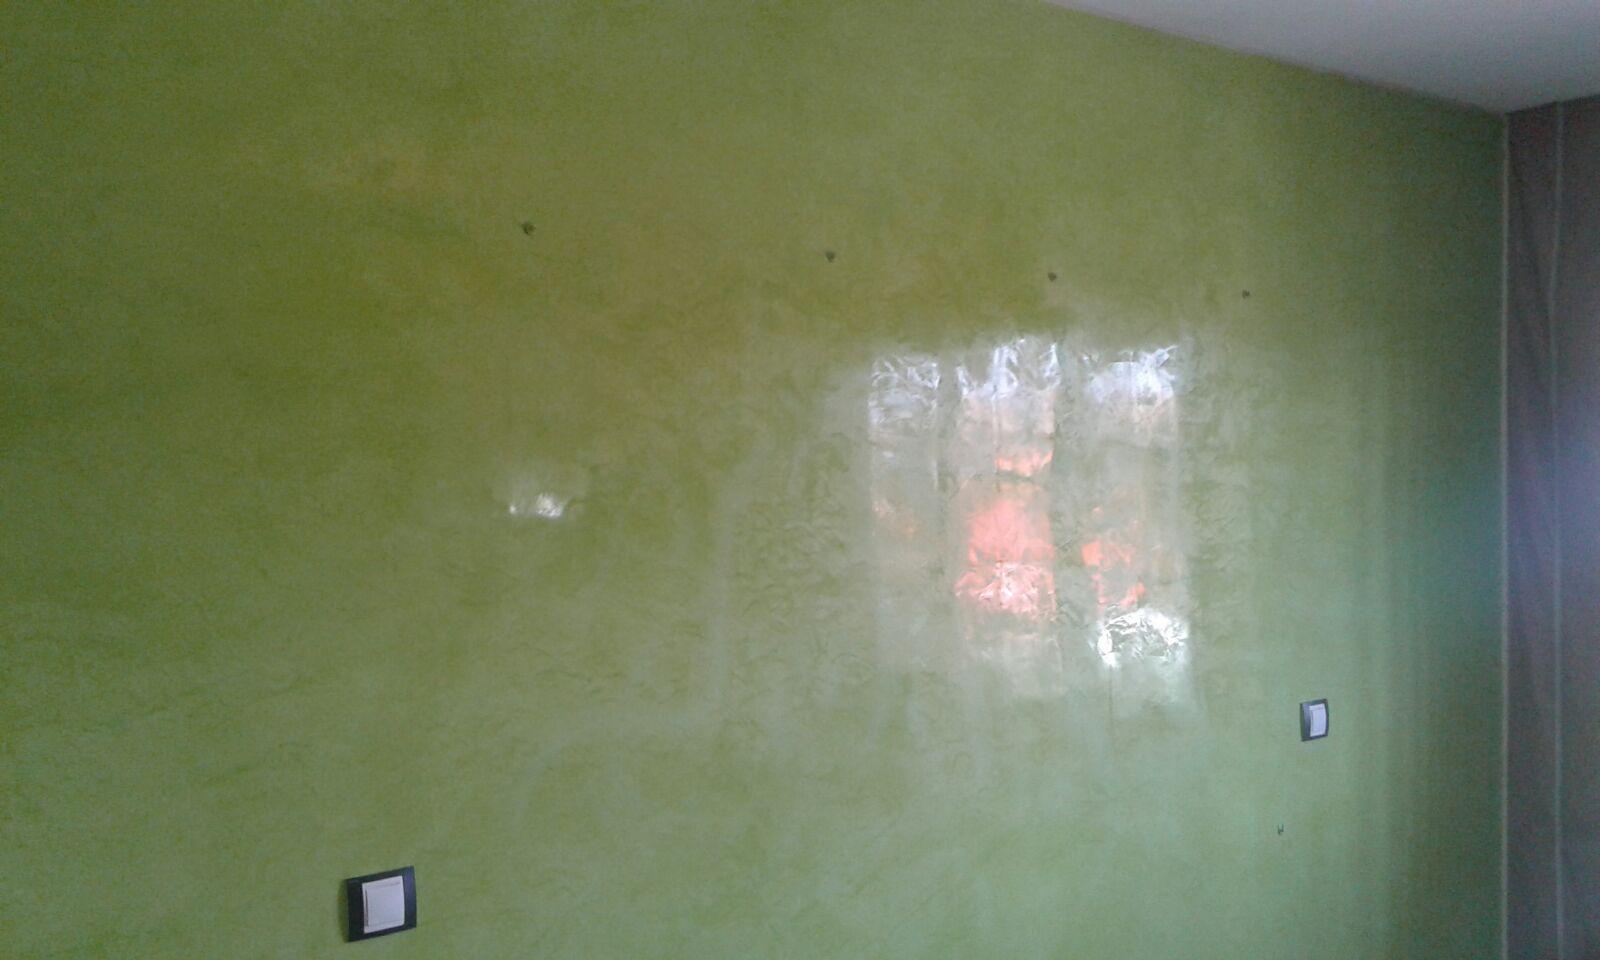 Estuco veneciano veteado color verde 14 pintores en - Pintar sobre estuco veneciano ...